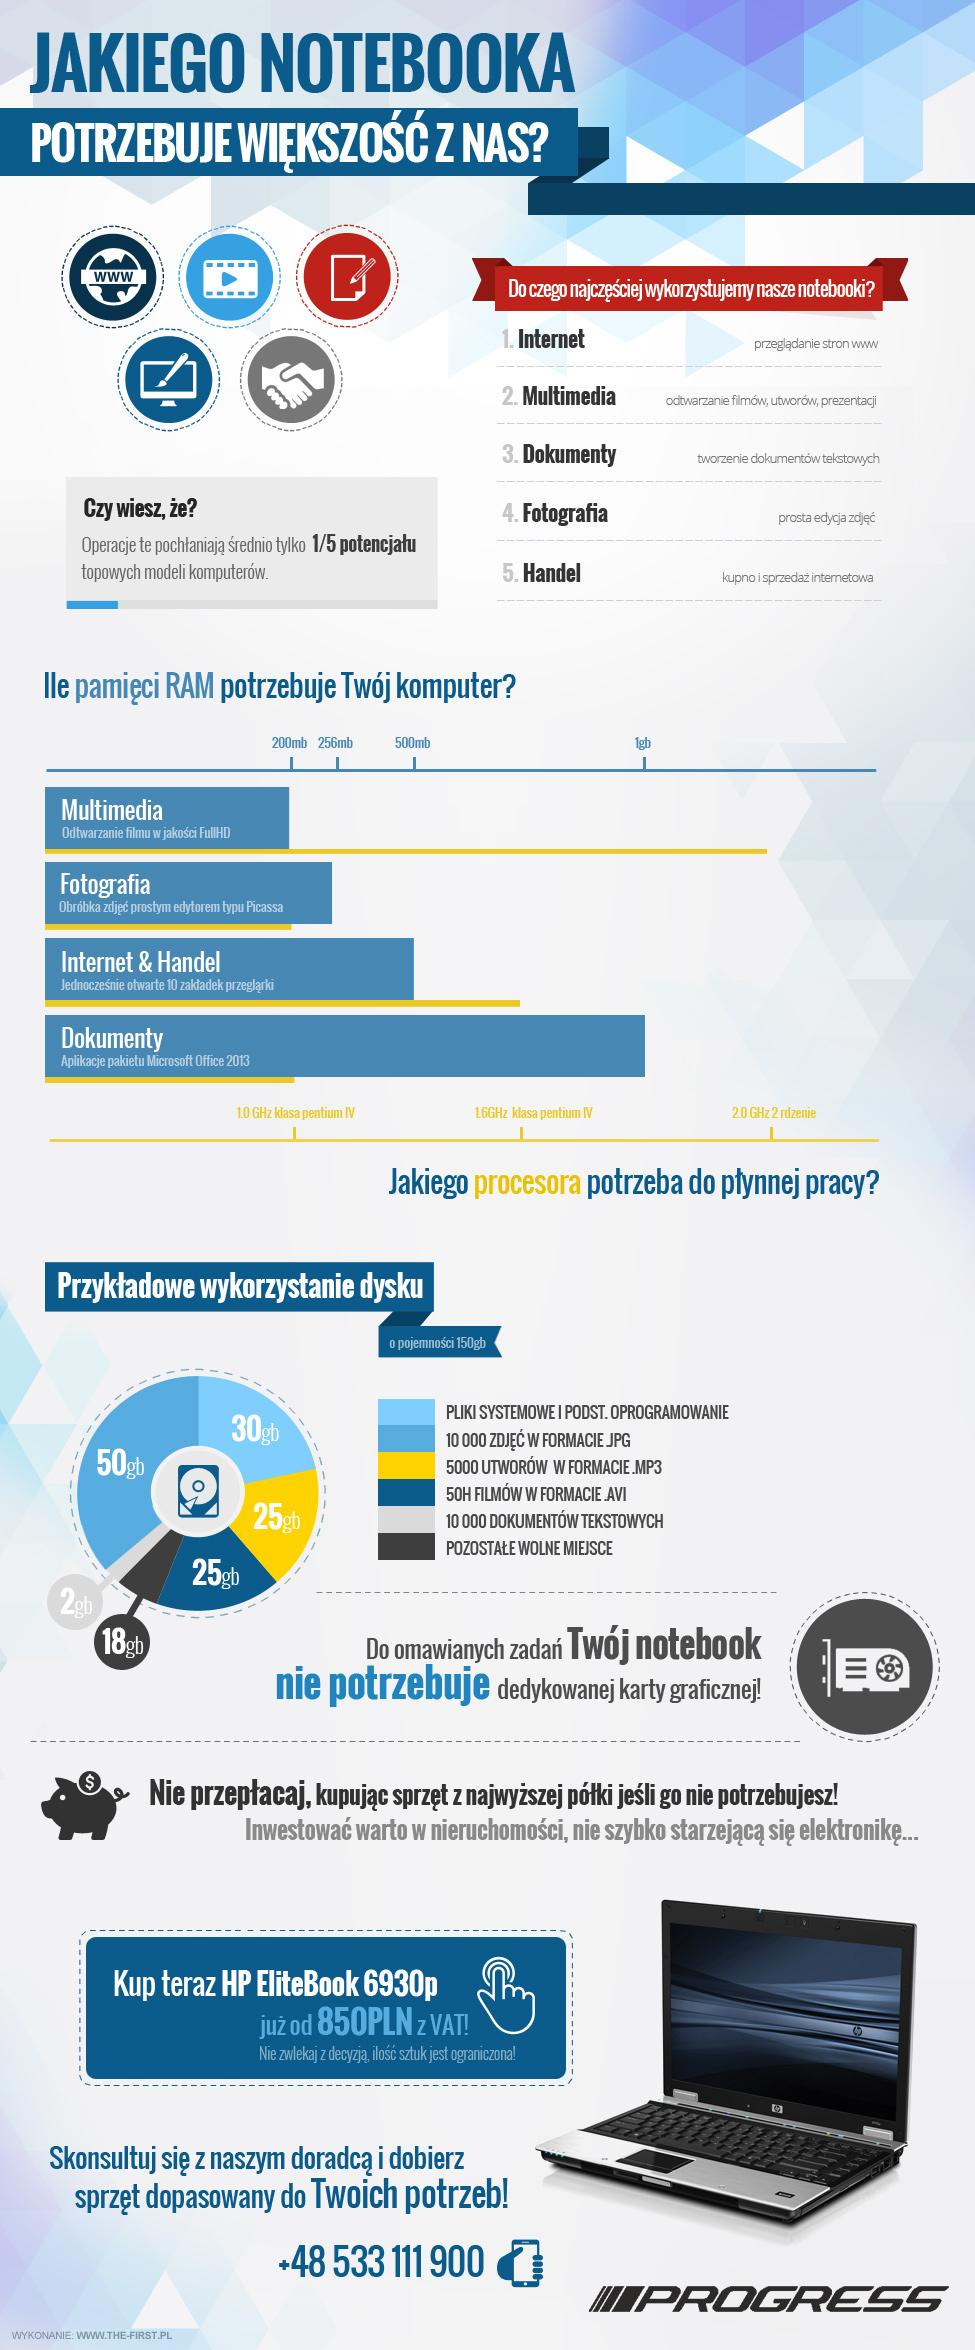 Jakiego notebooka potrzebuje większość z nas? - infografika